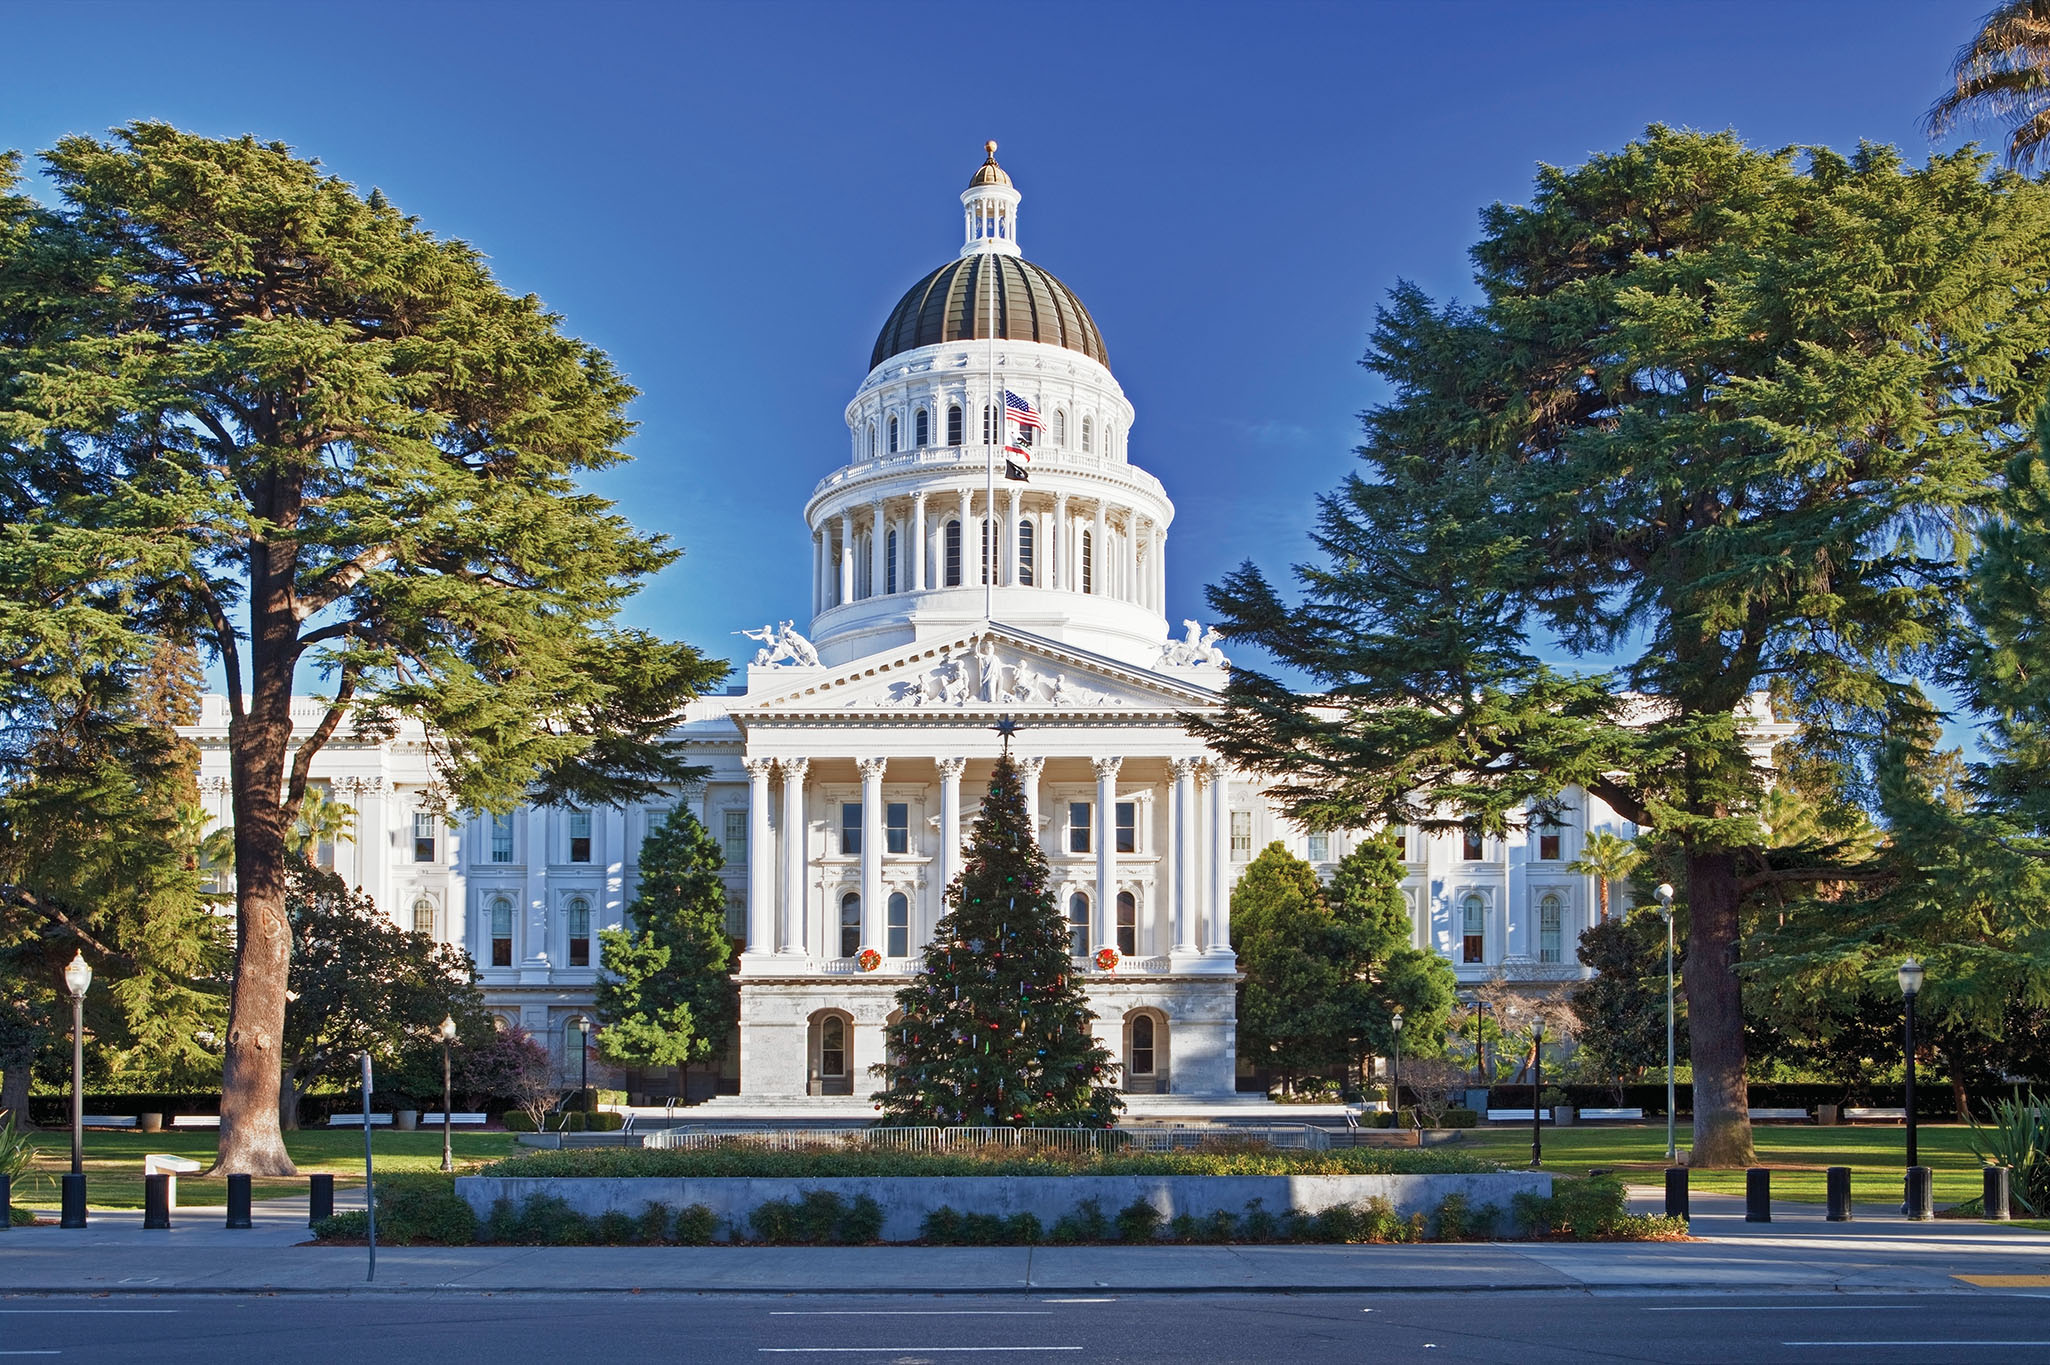 State Capitol Building, Sacramento, Calif.